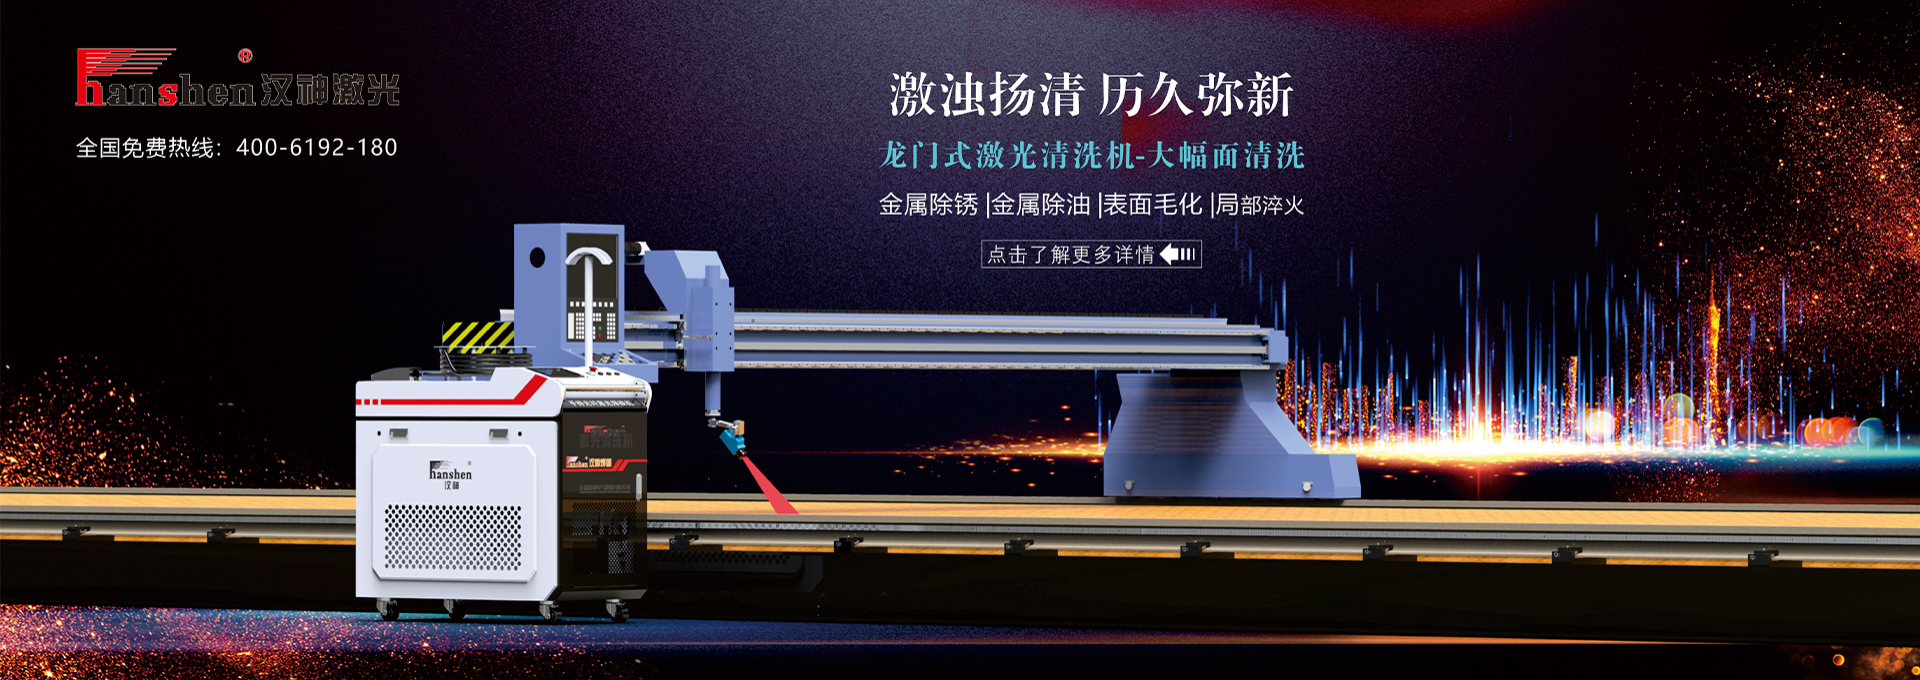 汉神-22年专注焊割设备研发生产